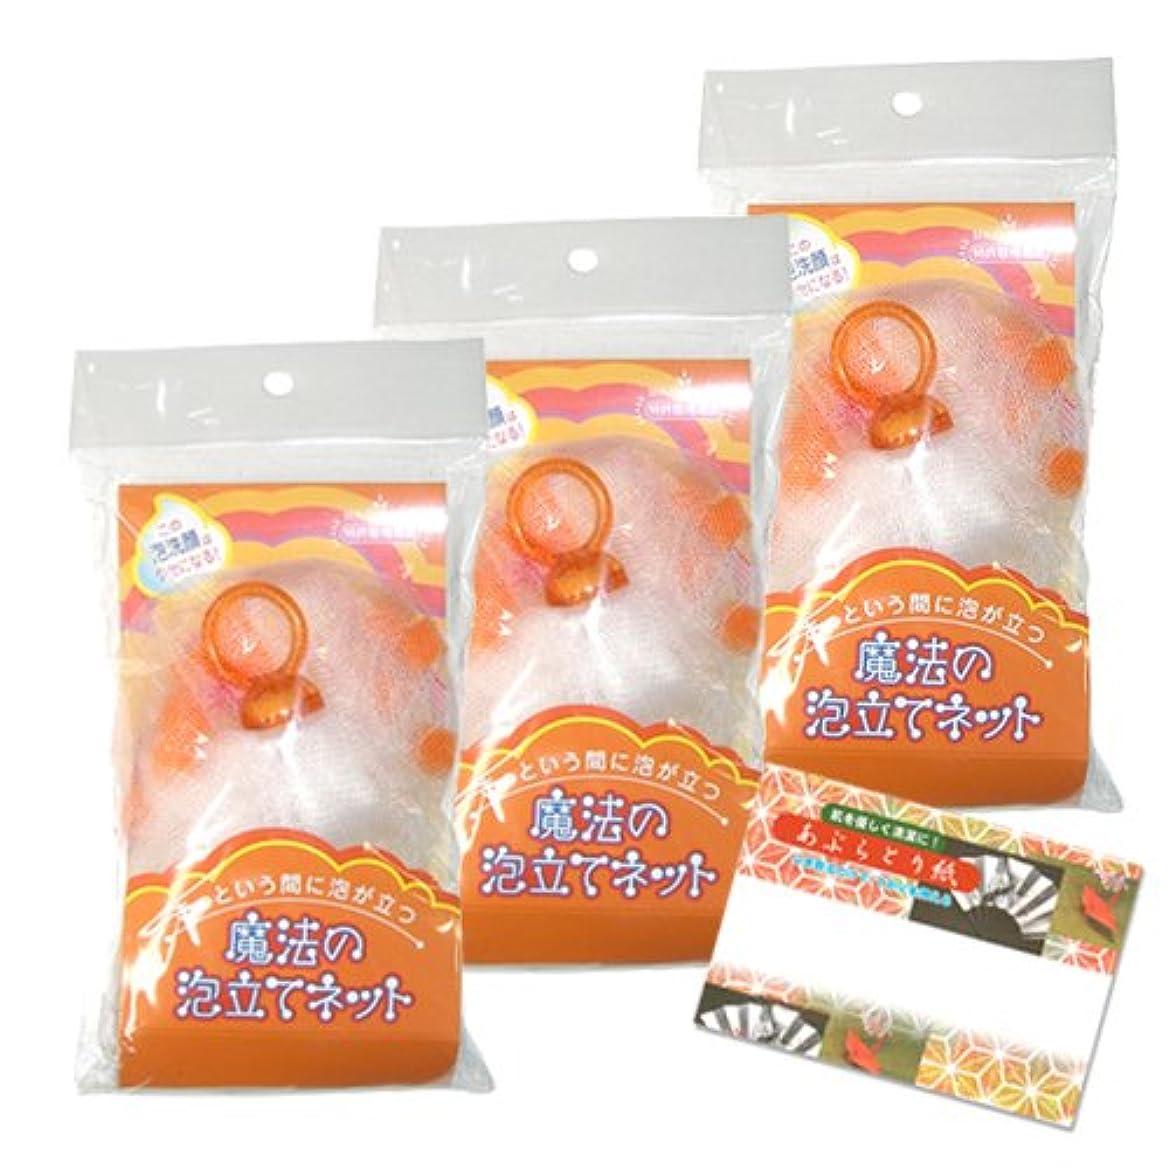 ニッケルオピエート汚物モンクレール 魔法の泡立てネット ソフトタイプ (オレンジ) x 3個セット + あぶらとり紙 10枚入